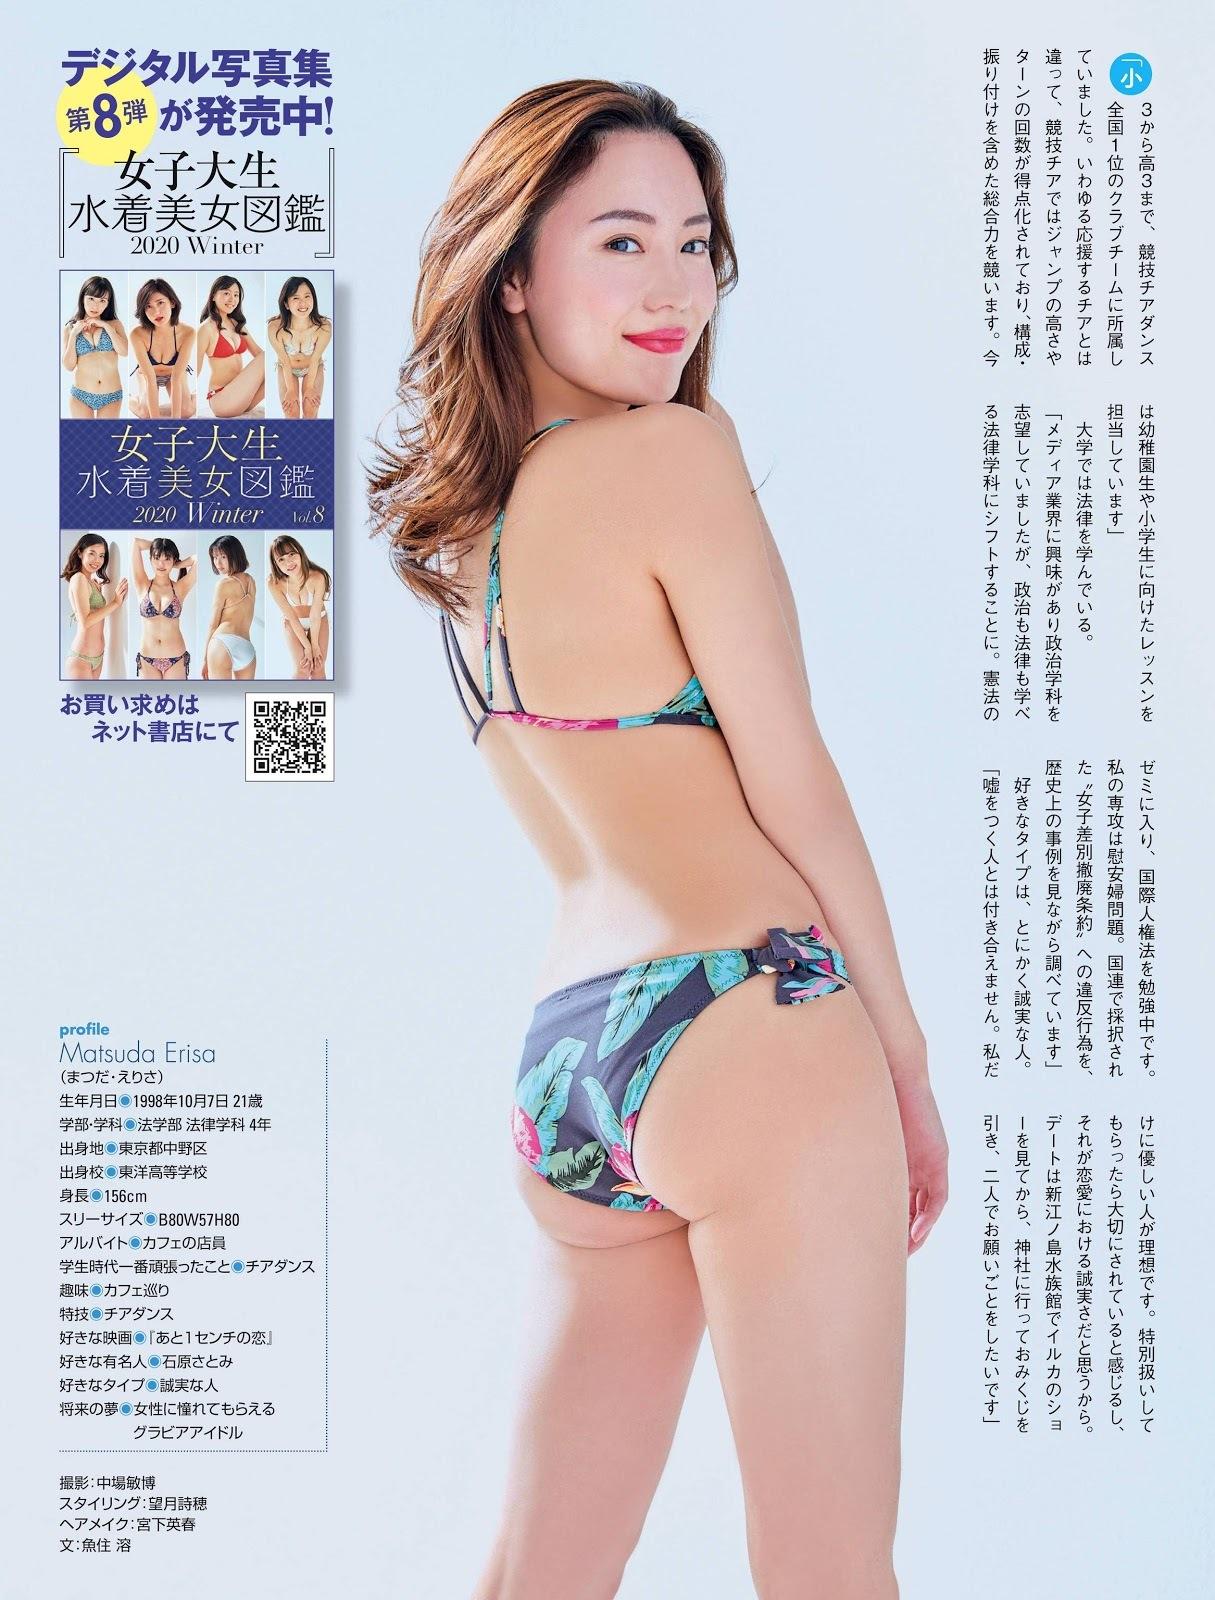 女子大生水着美女図鑑2